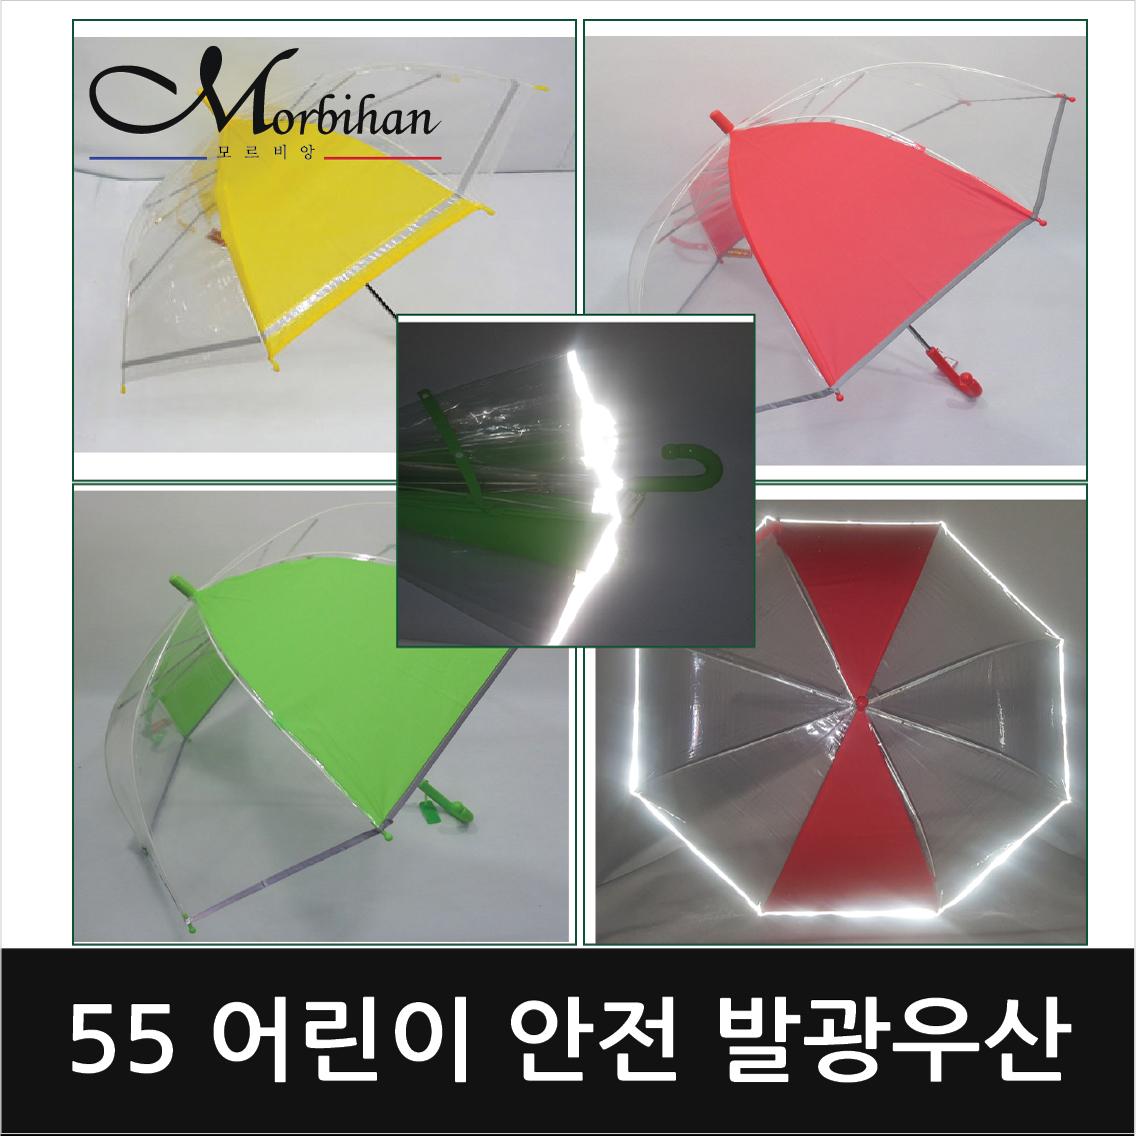 모르비앙 어린이안전발광우산 어린이우산